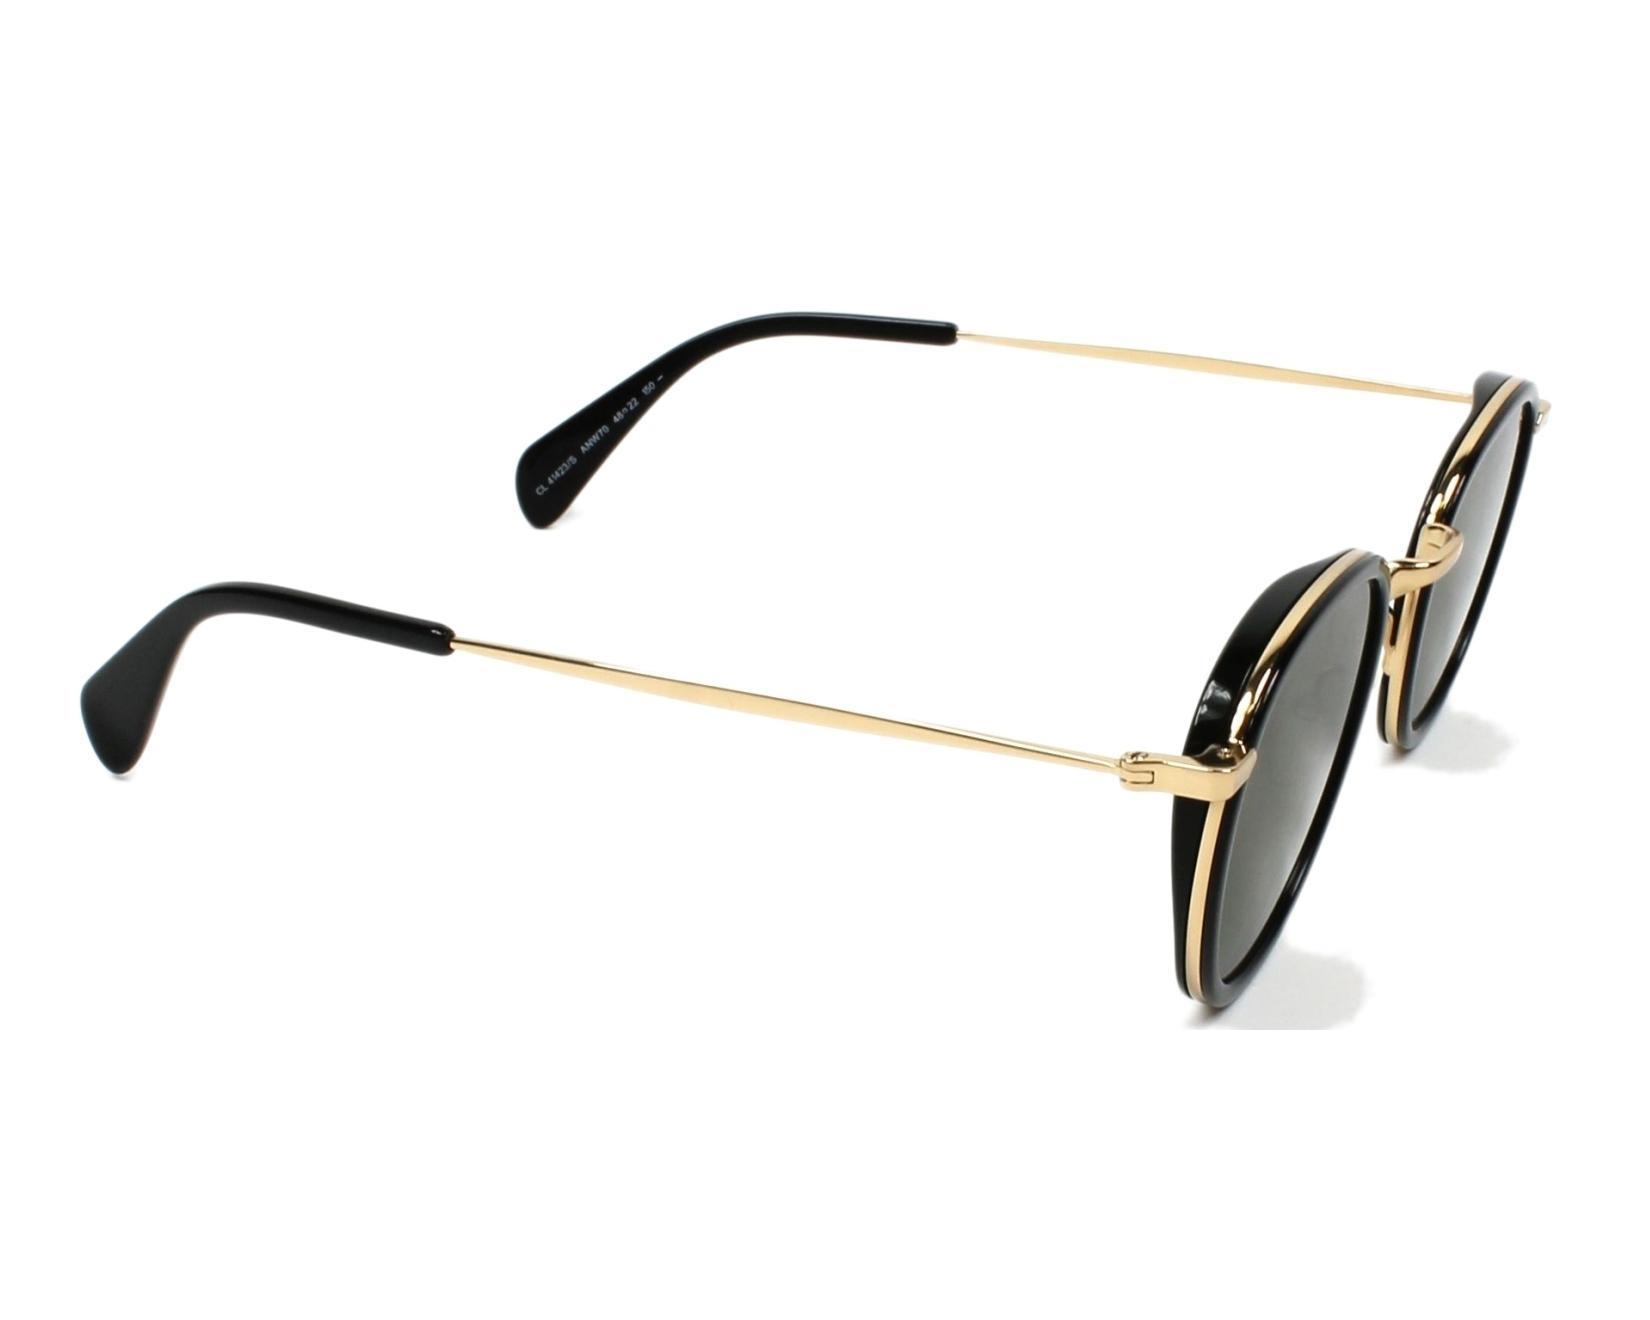 d0ad31655cef Sunglasses Céline CL-41423 ANW 70 48-22 Black Gold side view